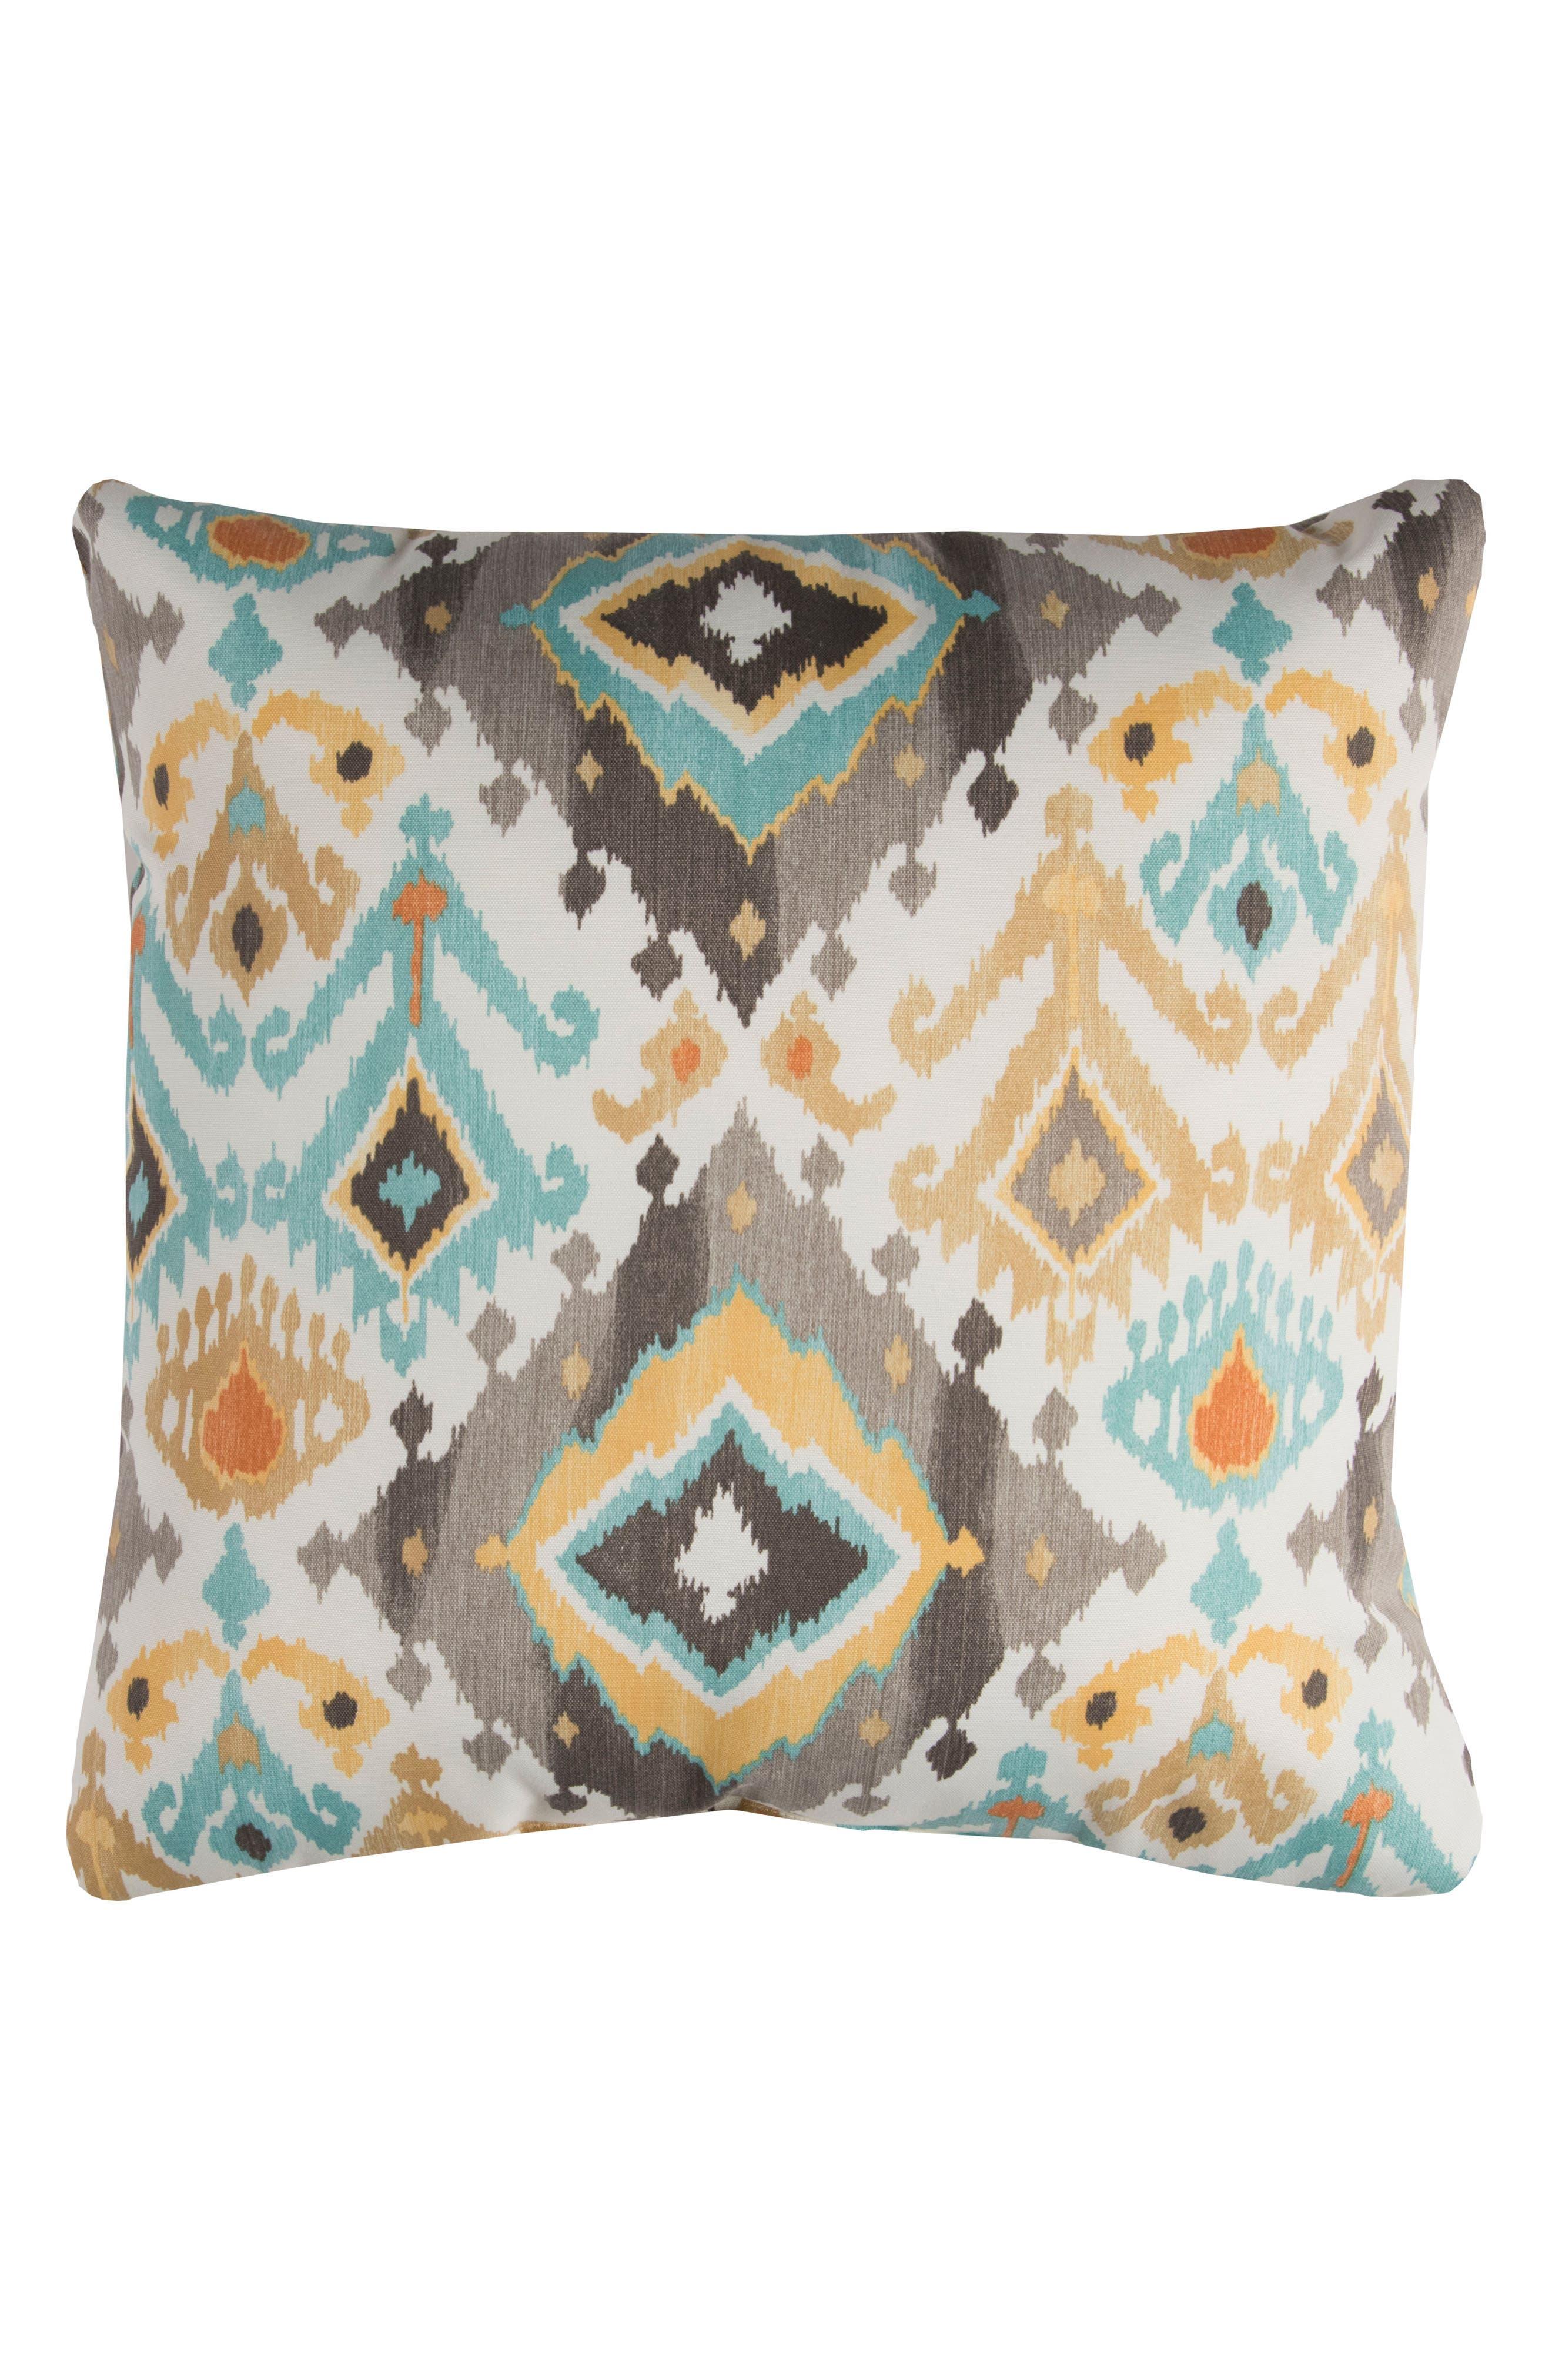 Chevron Outdoor Pillow,                             Main thumbnail 1, color,